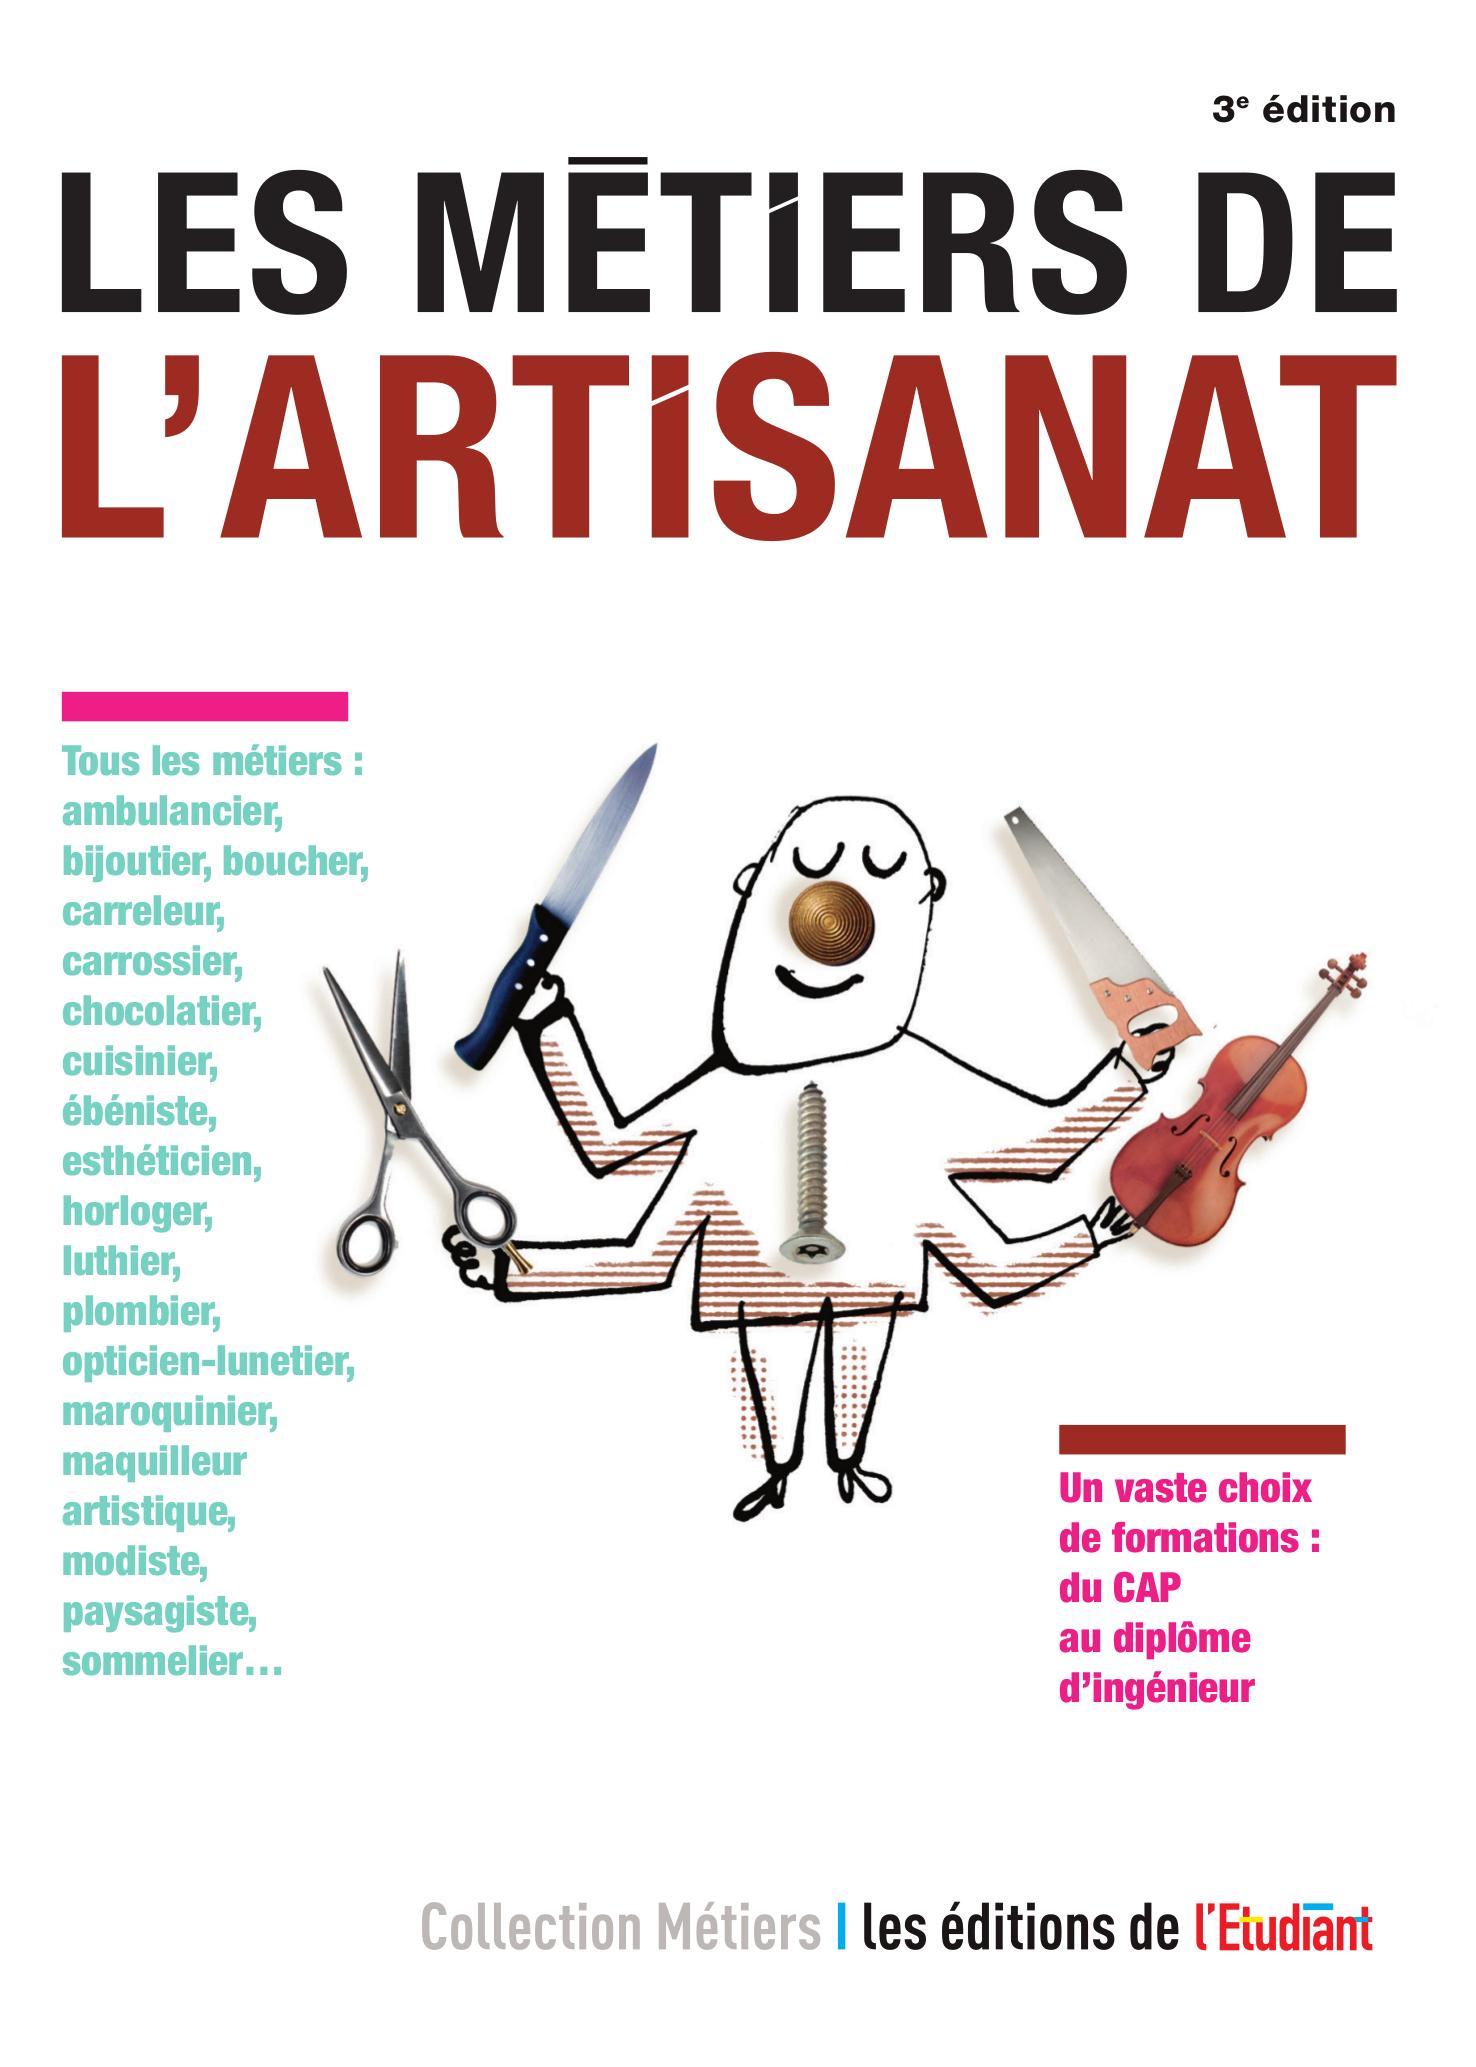 des arguments sur le métier d'artisanat - Artisanat et ...